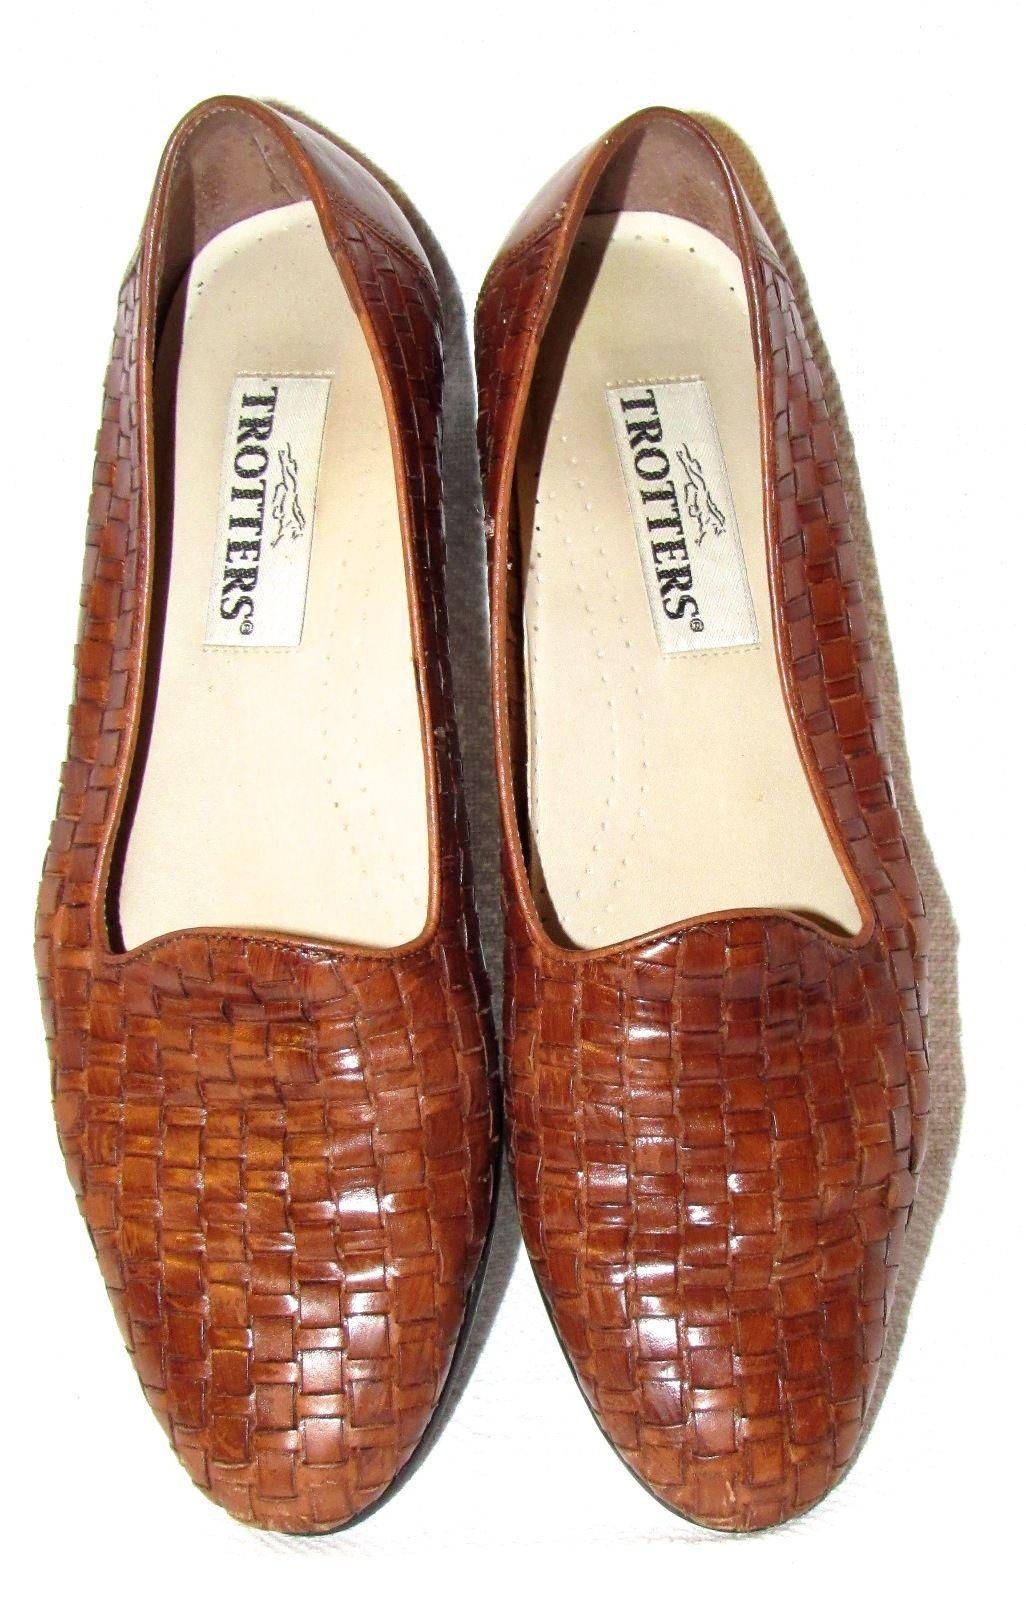 Trotters Women's Liz Flats Tan Size: 10 N Low